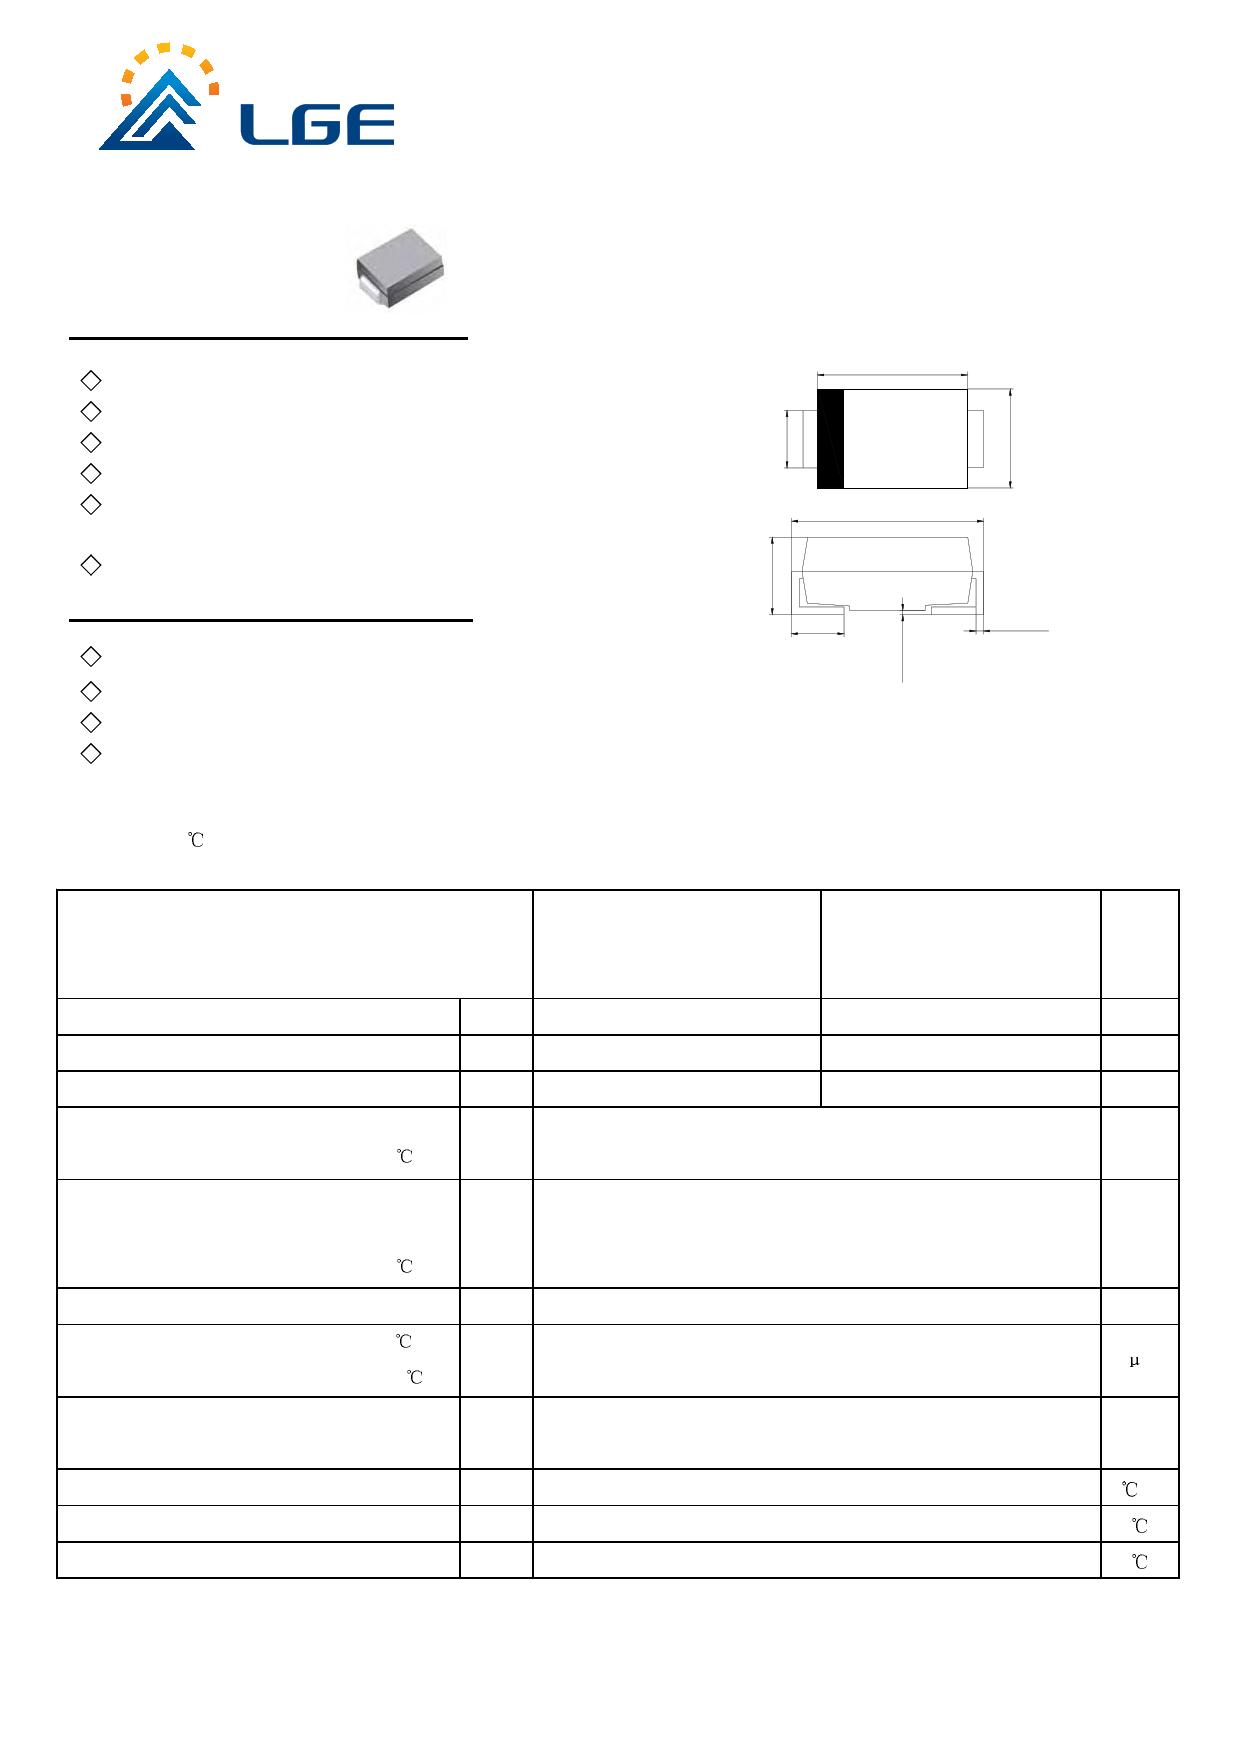 MURS360 Datasheet, MURS360 PDF,ピン配置, 機能